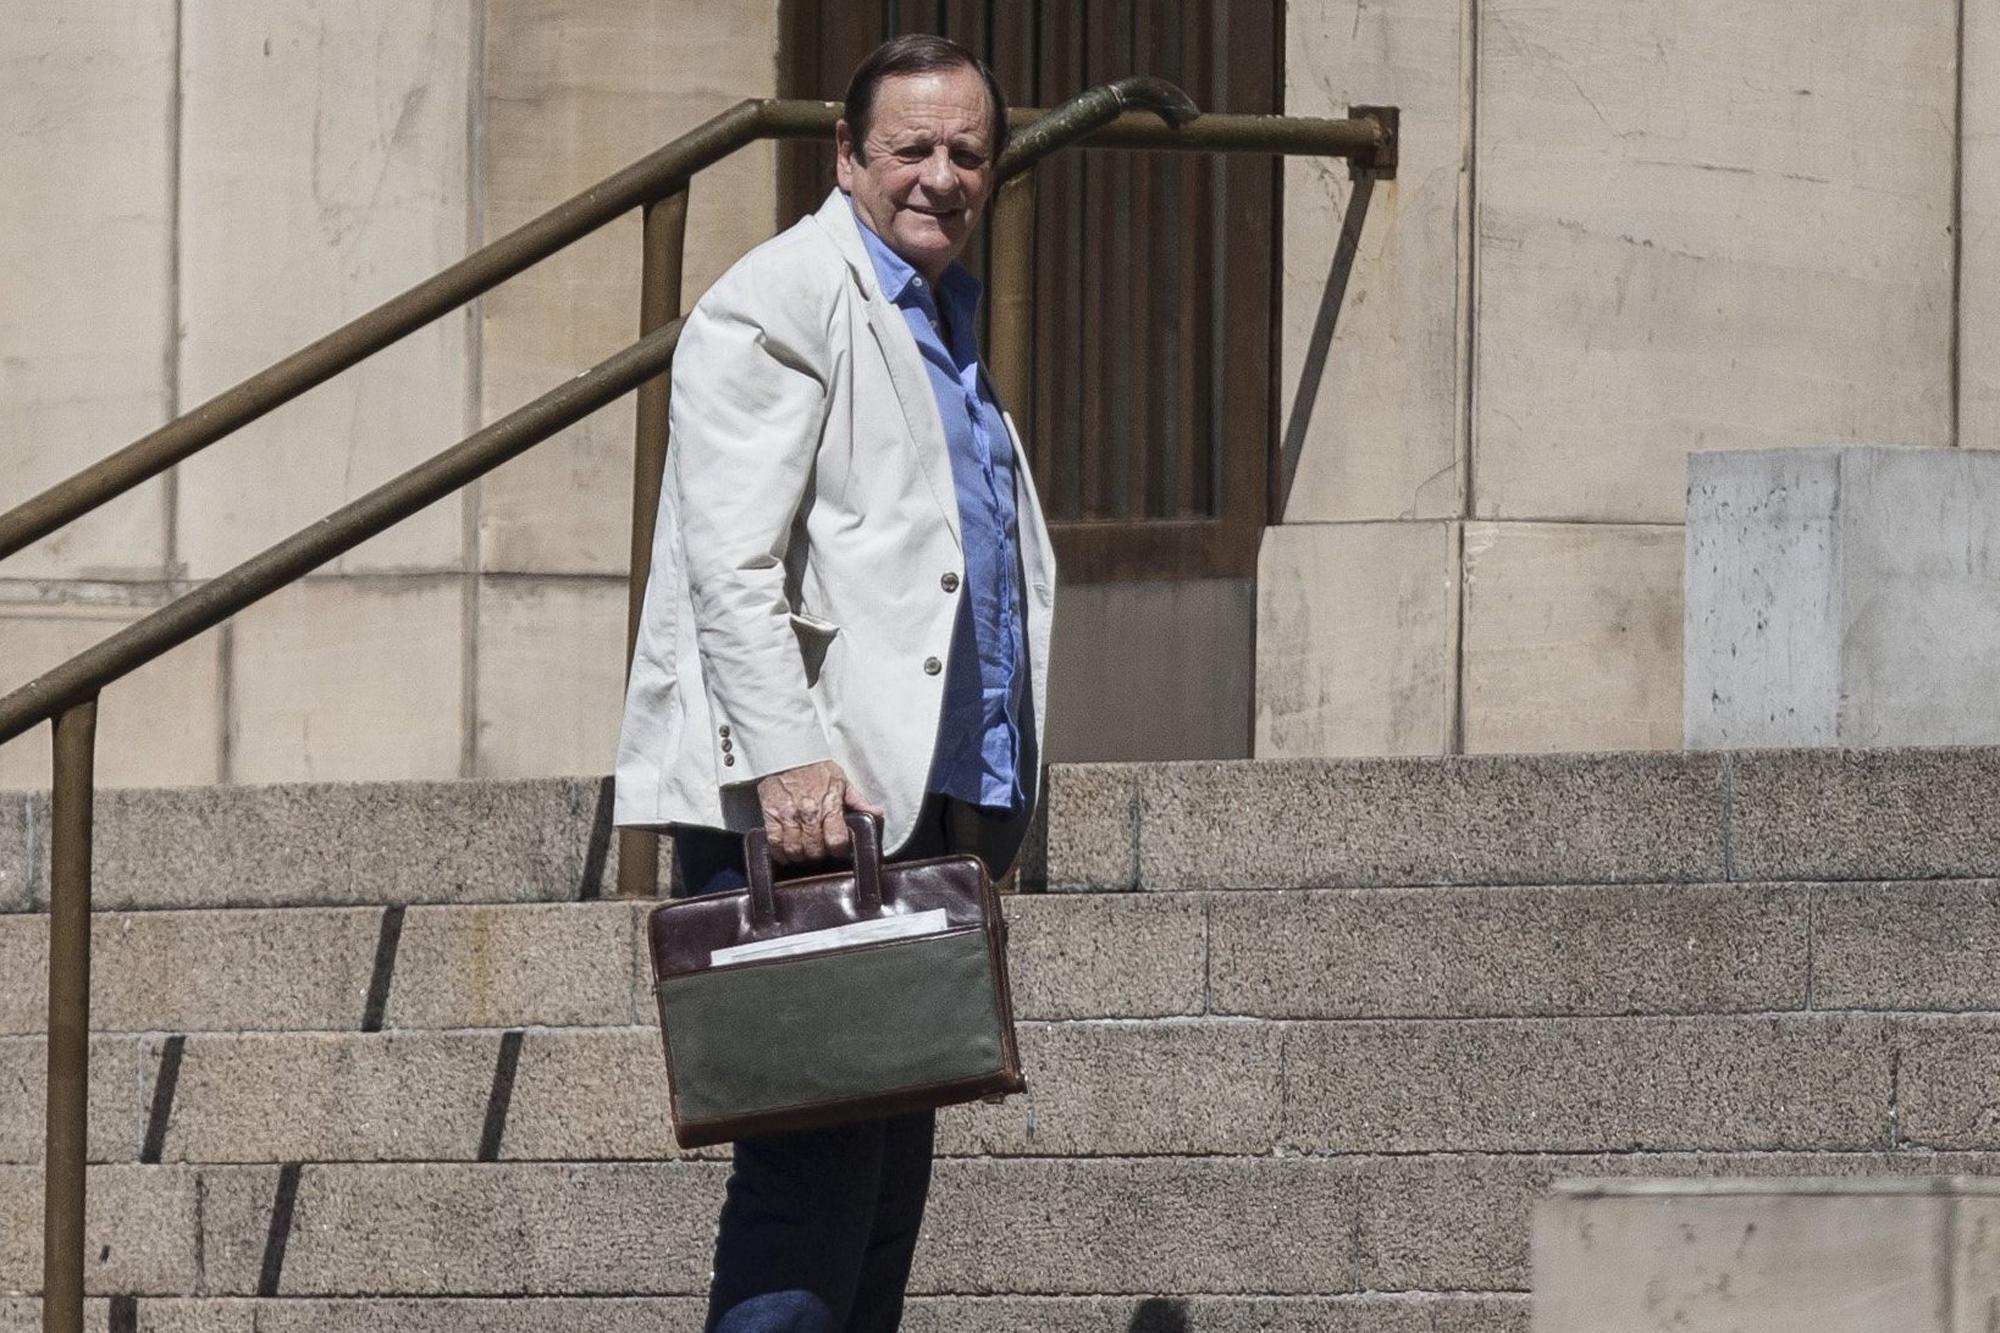 El juez Canicoba viajó casi seis veces por año al exterior